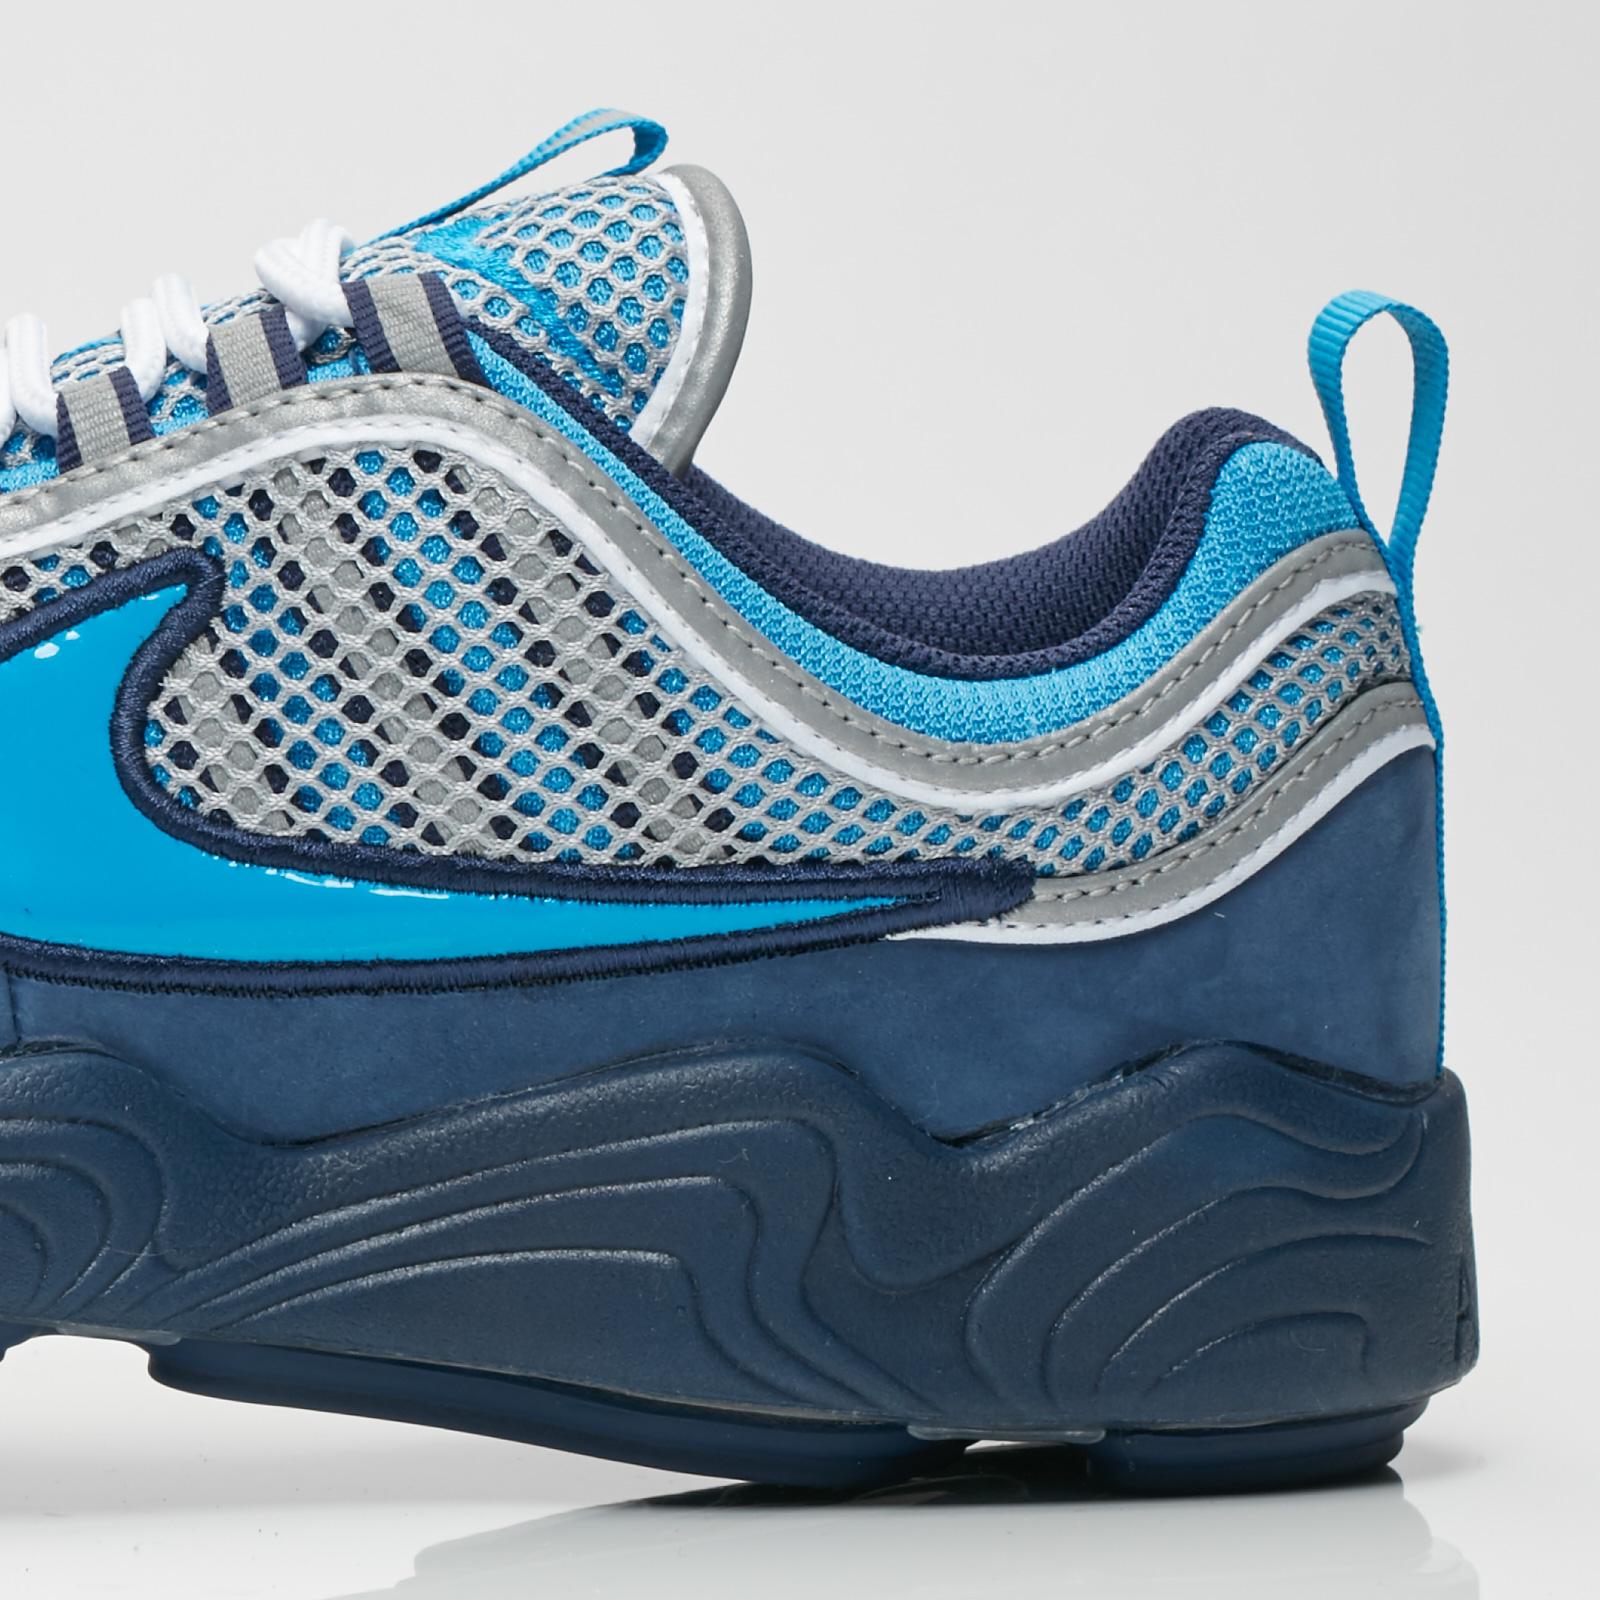 Nike Air Zoom Spiridon 16 STASH - Ah7973-400